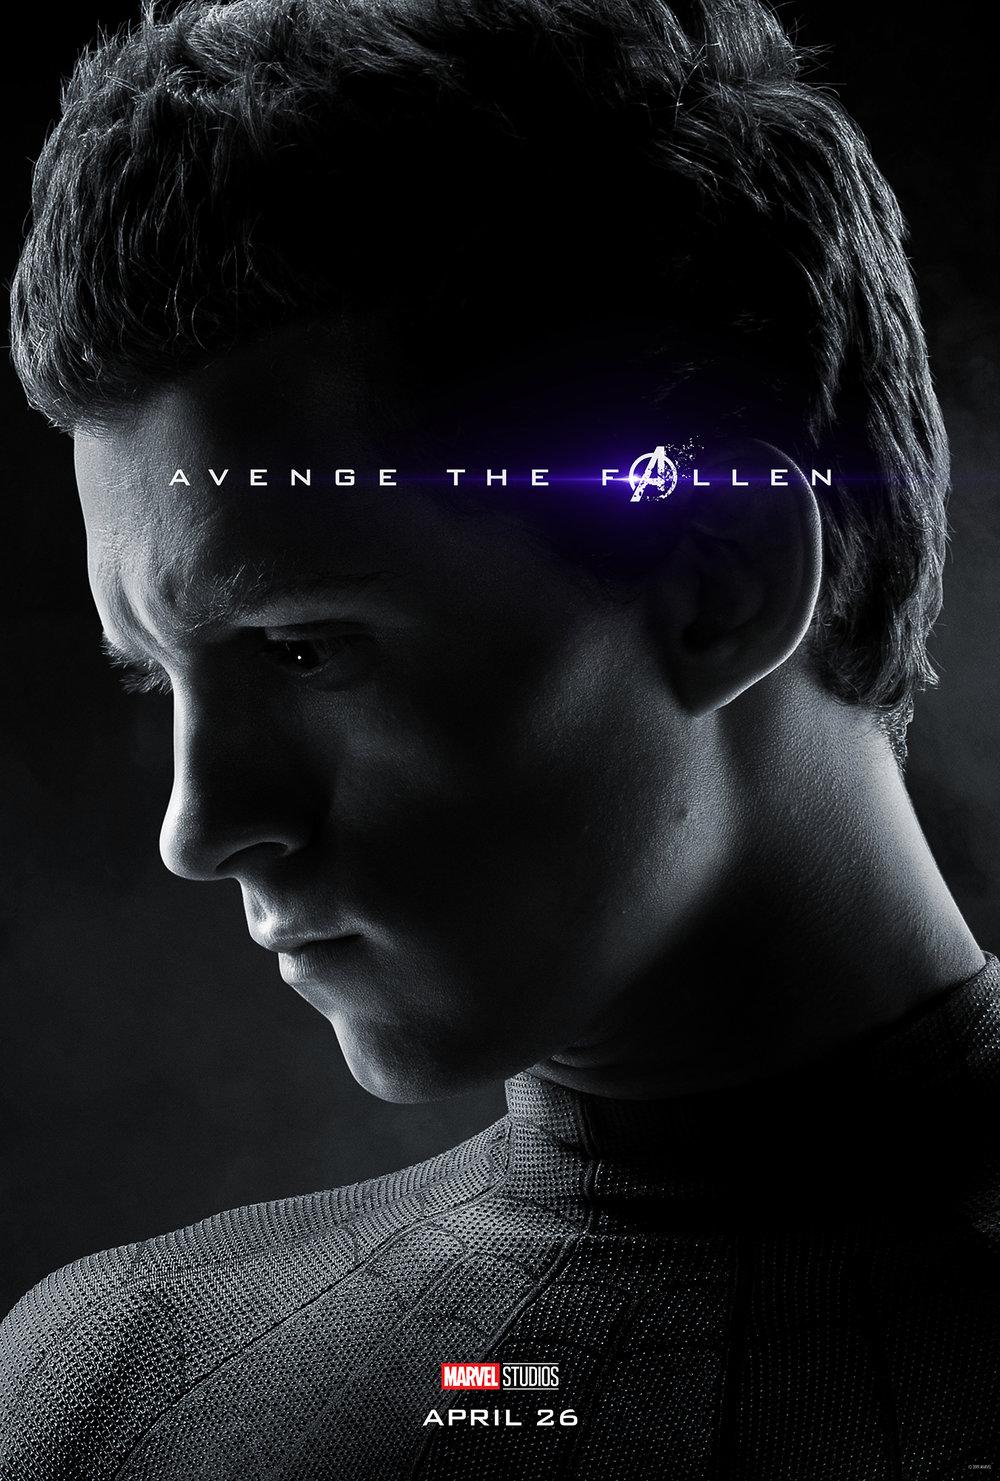 Avengers_Endgame_Char1Sht_Spiderman_Avenge_mech1_FS_100dpi.jpg